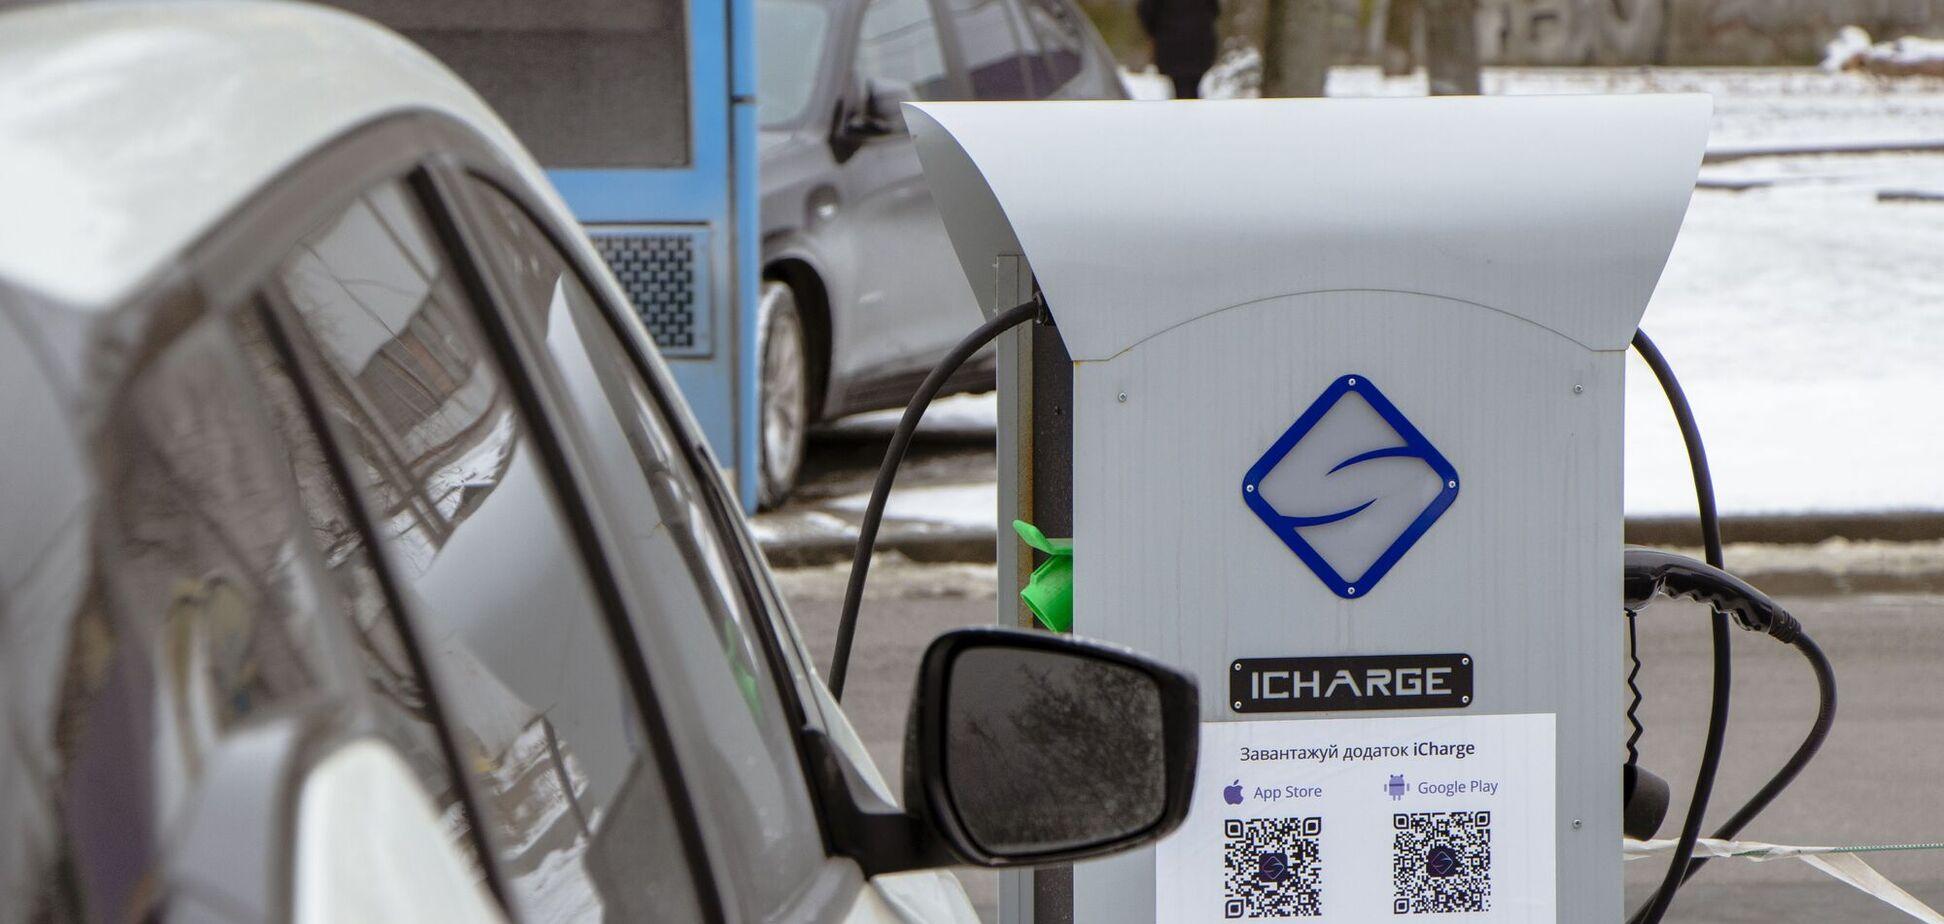 В Днепре на парковках появились зарядные станции для электрокаров